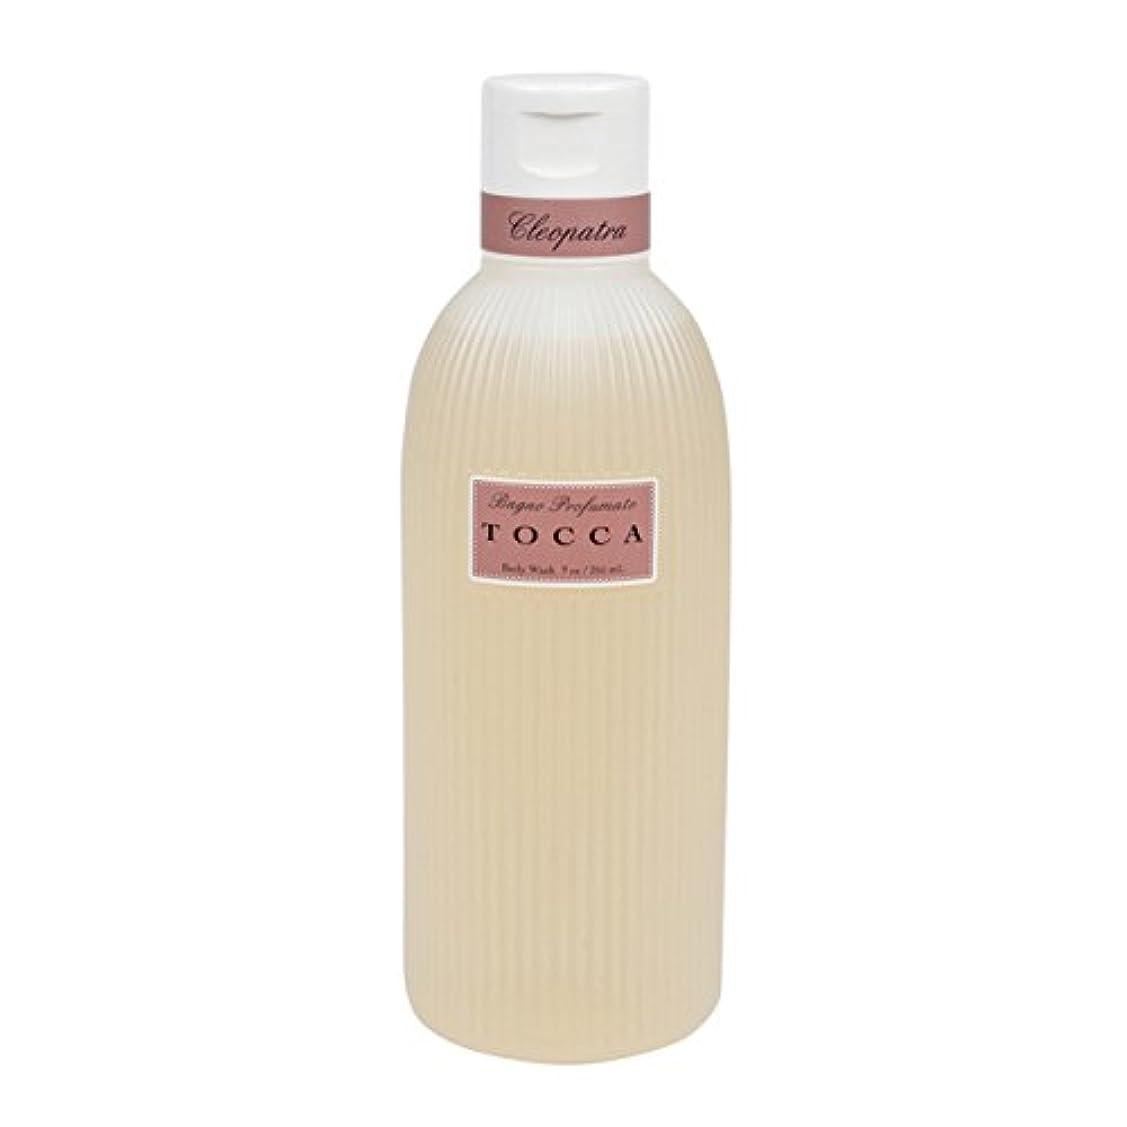 アーサーサスペンド手書きトッカ(TOCCA) ボディーケアウォッシュ クレオパトラの香り 266ml(全身用洗浄料 ボディーソープ グレープフルーツとキューカンバーのフレッシュでクリーンな香り)